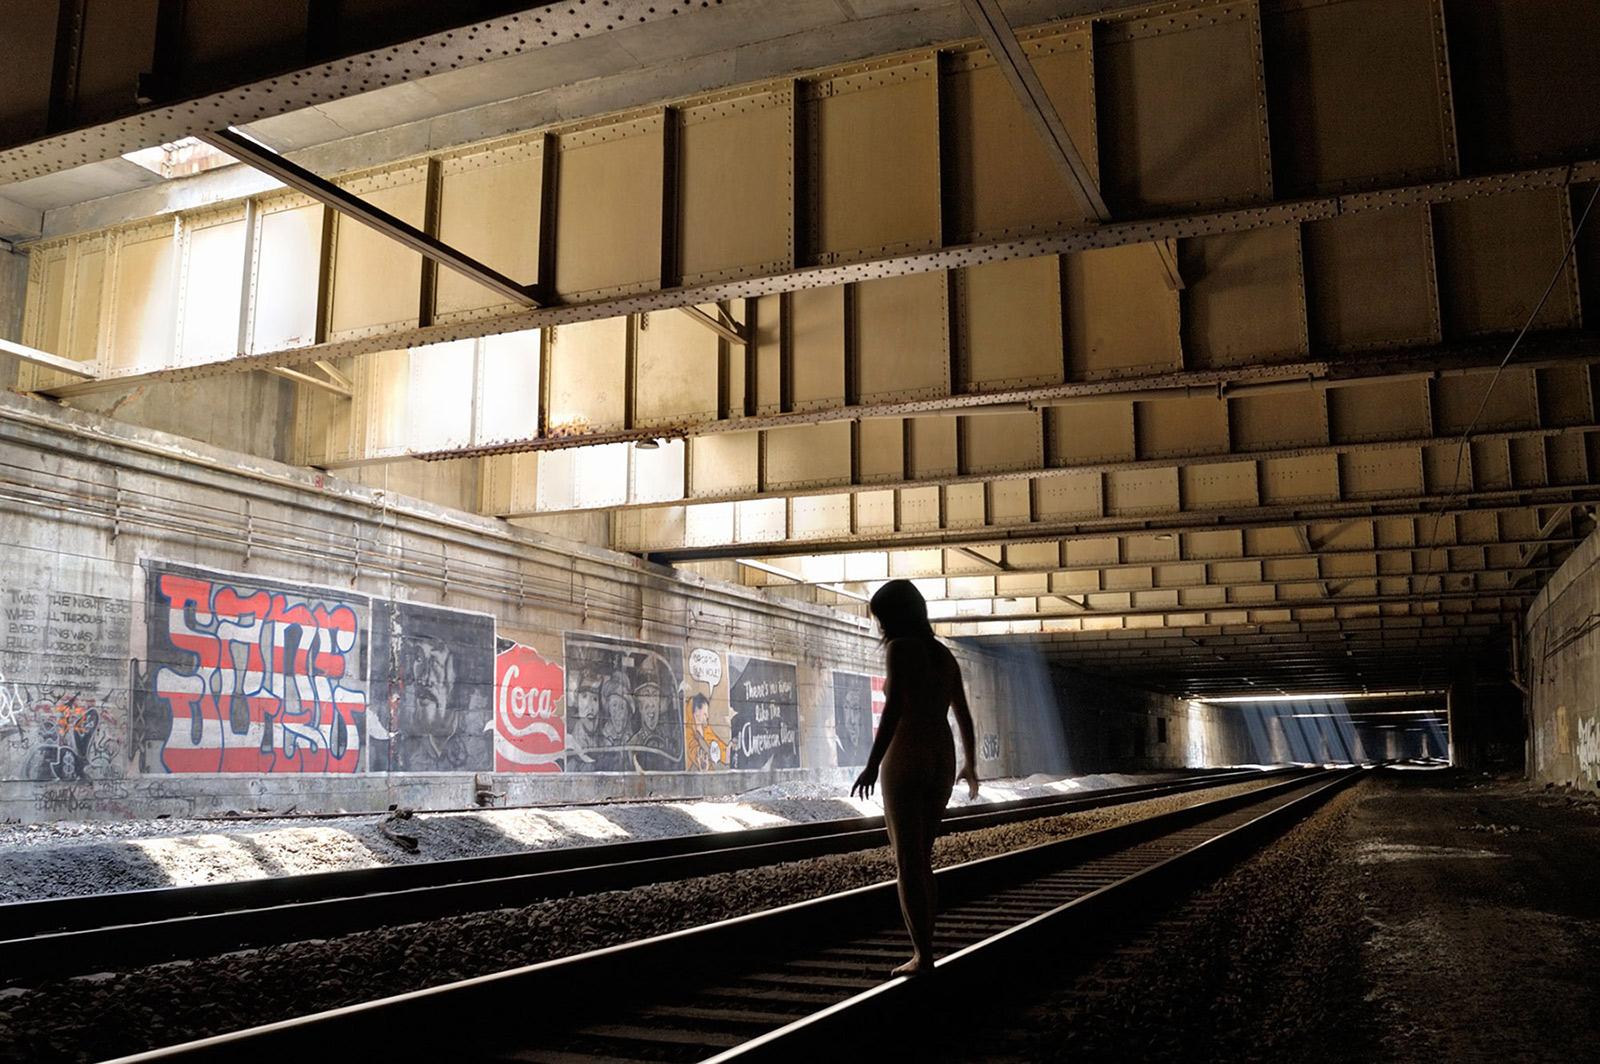 Freedom Tunnel, <br>New York, NY, USA #1